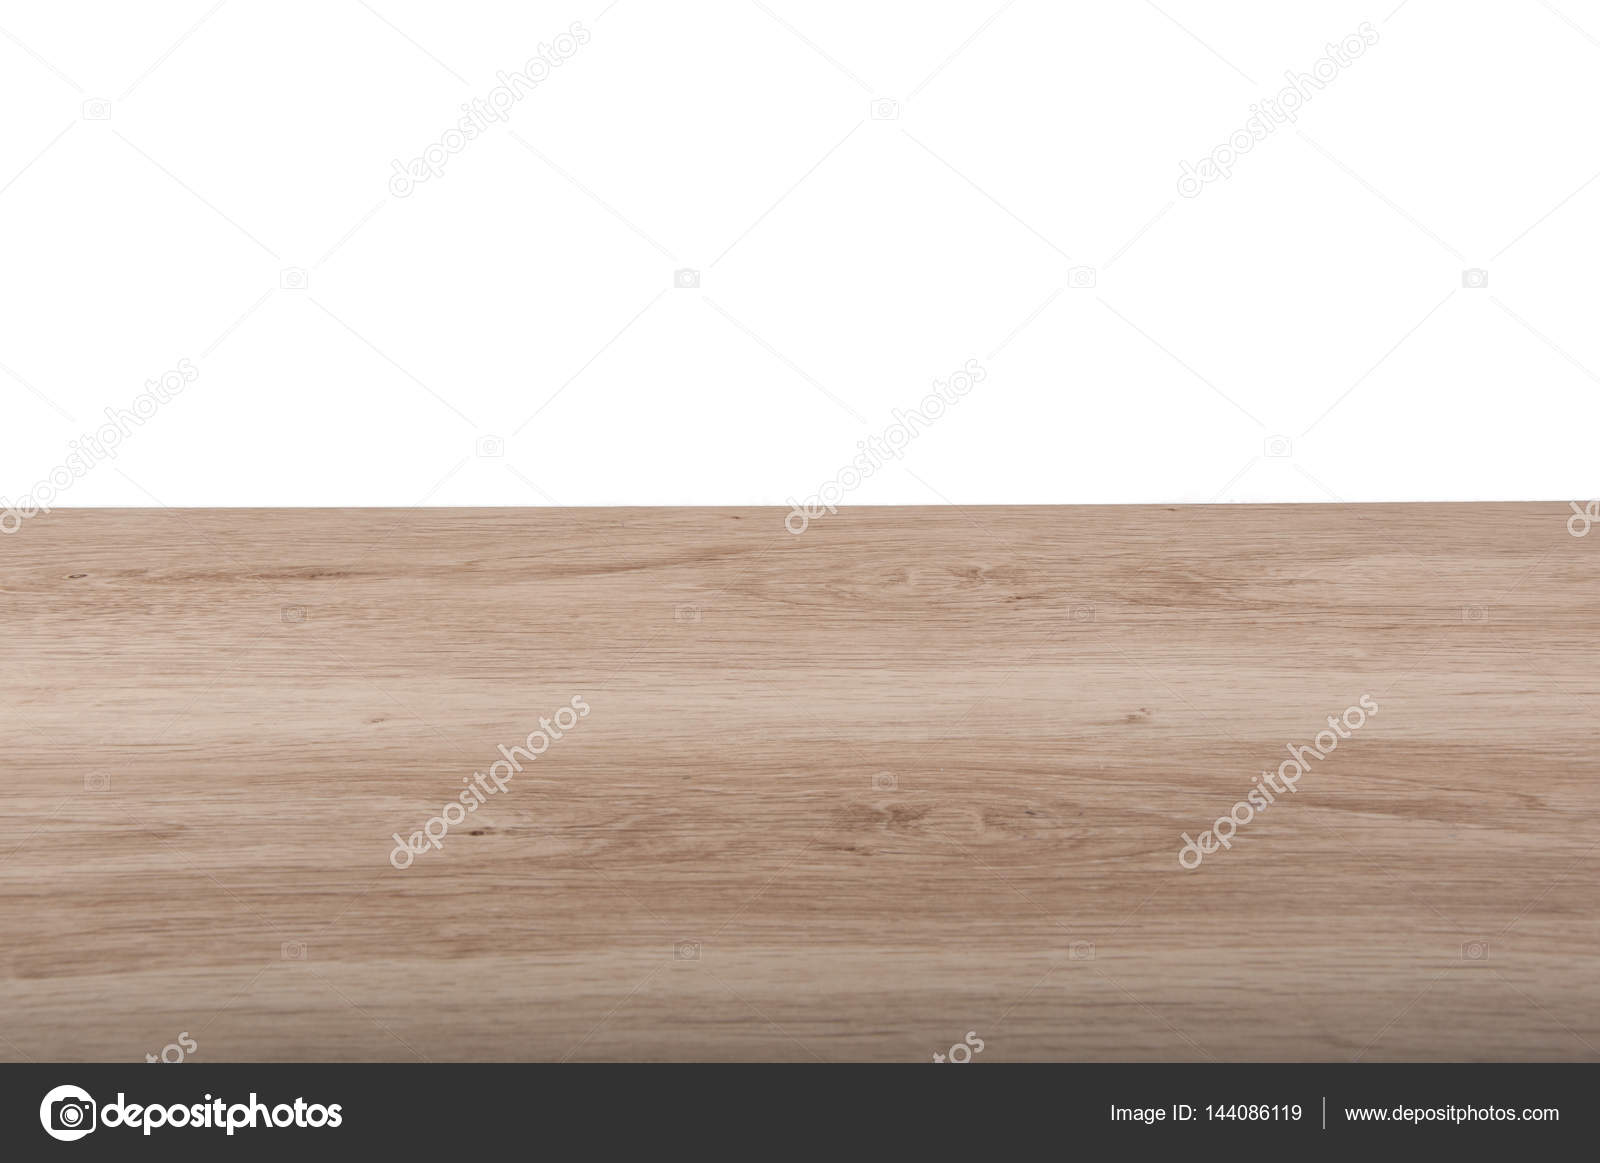 Copertura In Legno Isolata : Foto orizzontale della copertura tavolo in legno isolata su